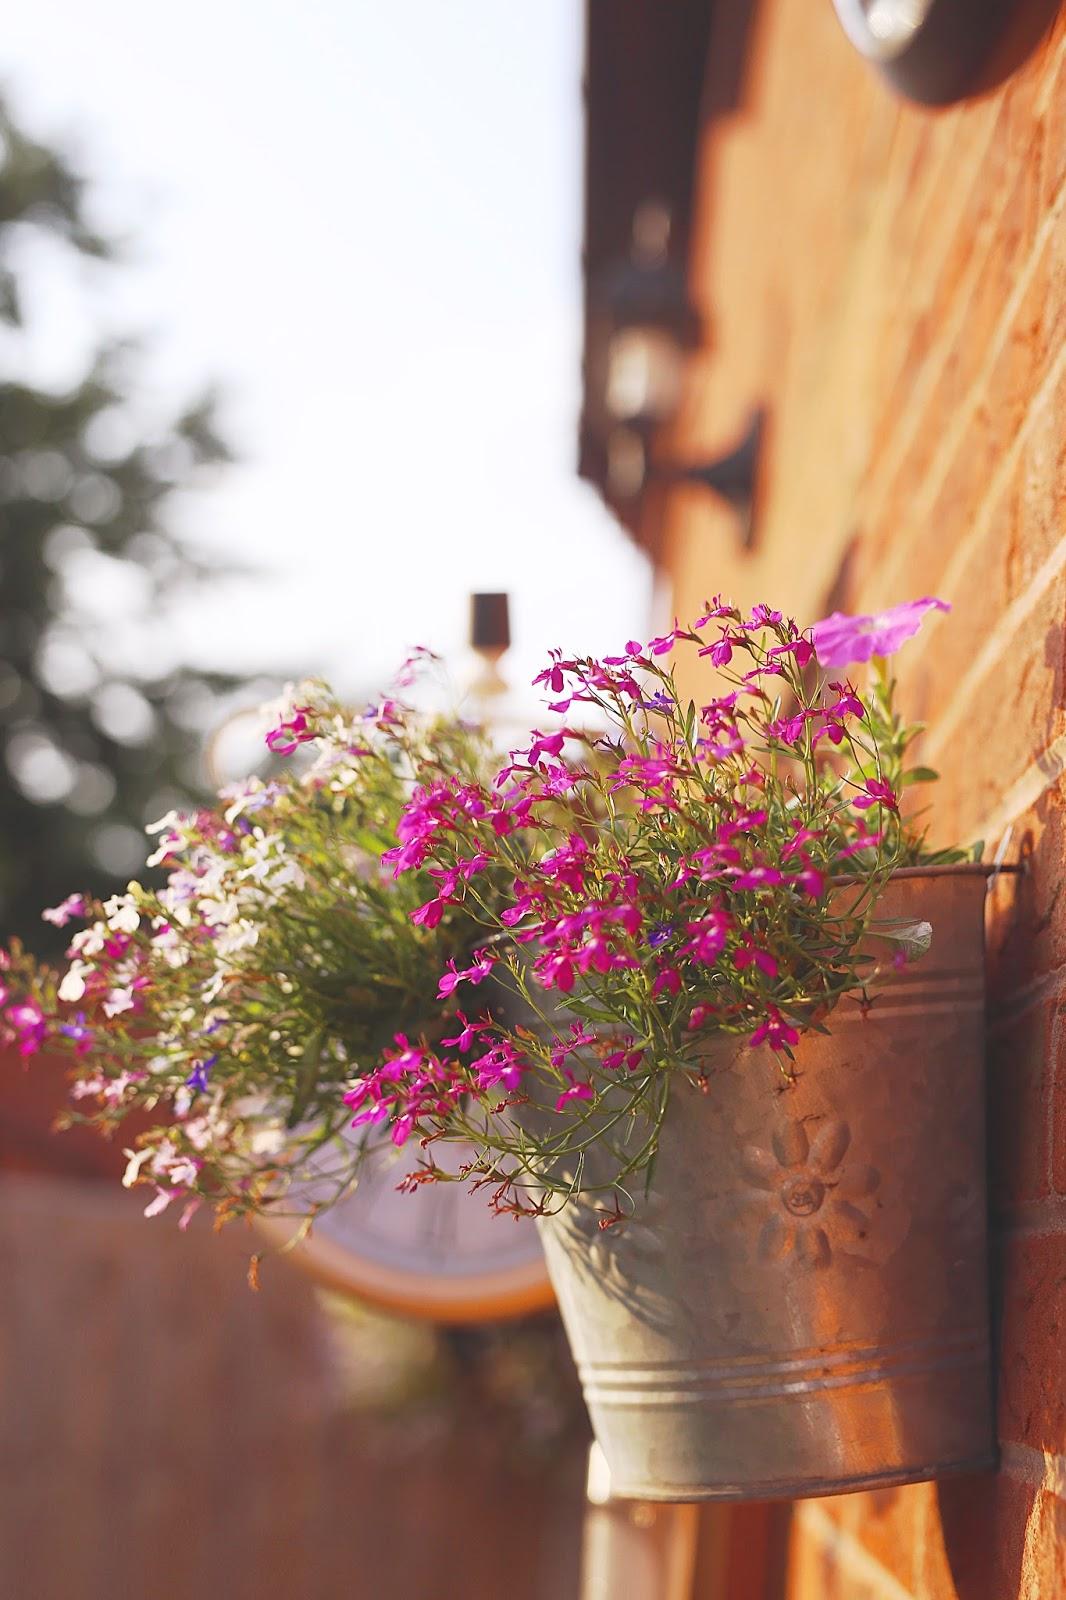 Hanging Basket, Flowers, Derbyshire Bloggers, Derbyshire Blogs, Katie Brown, Katie Writes,